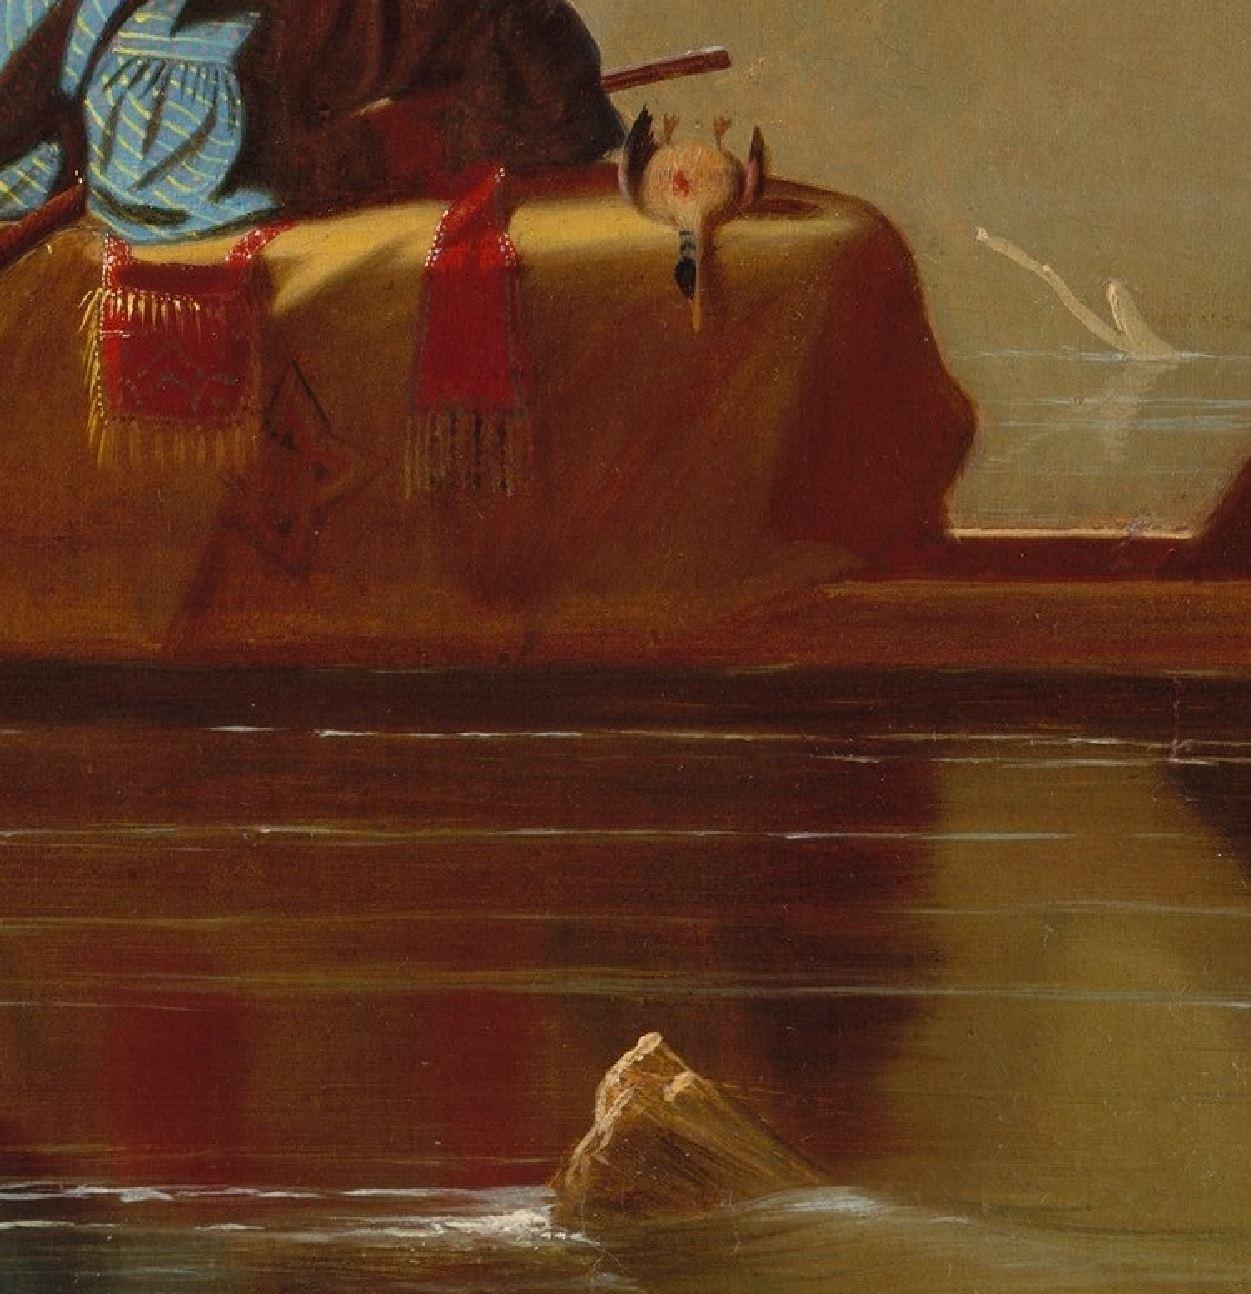 George Caleb Bingham 1845 Fur Traders Descending the Missouri MET 73.7 x 92.7 cm detail